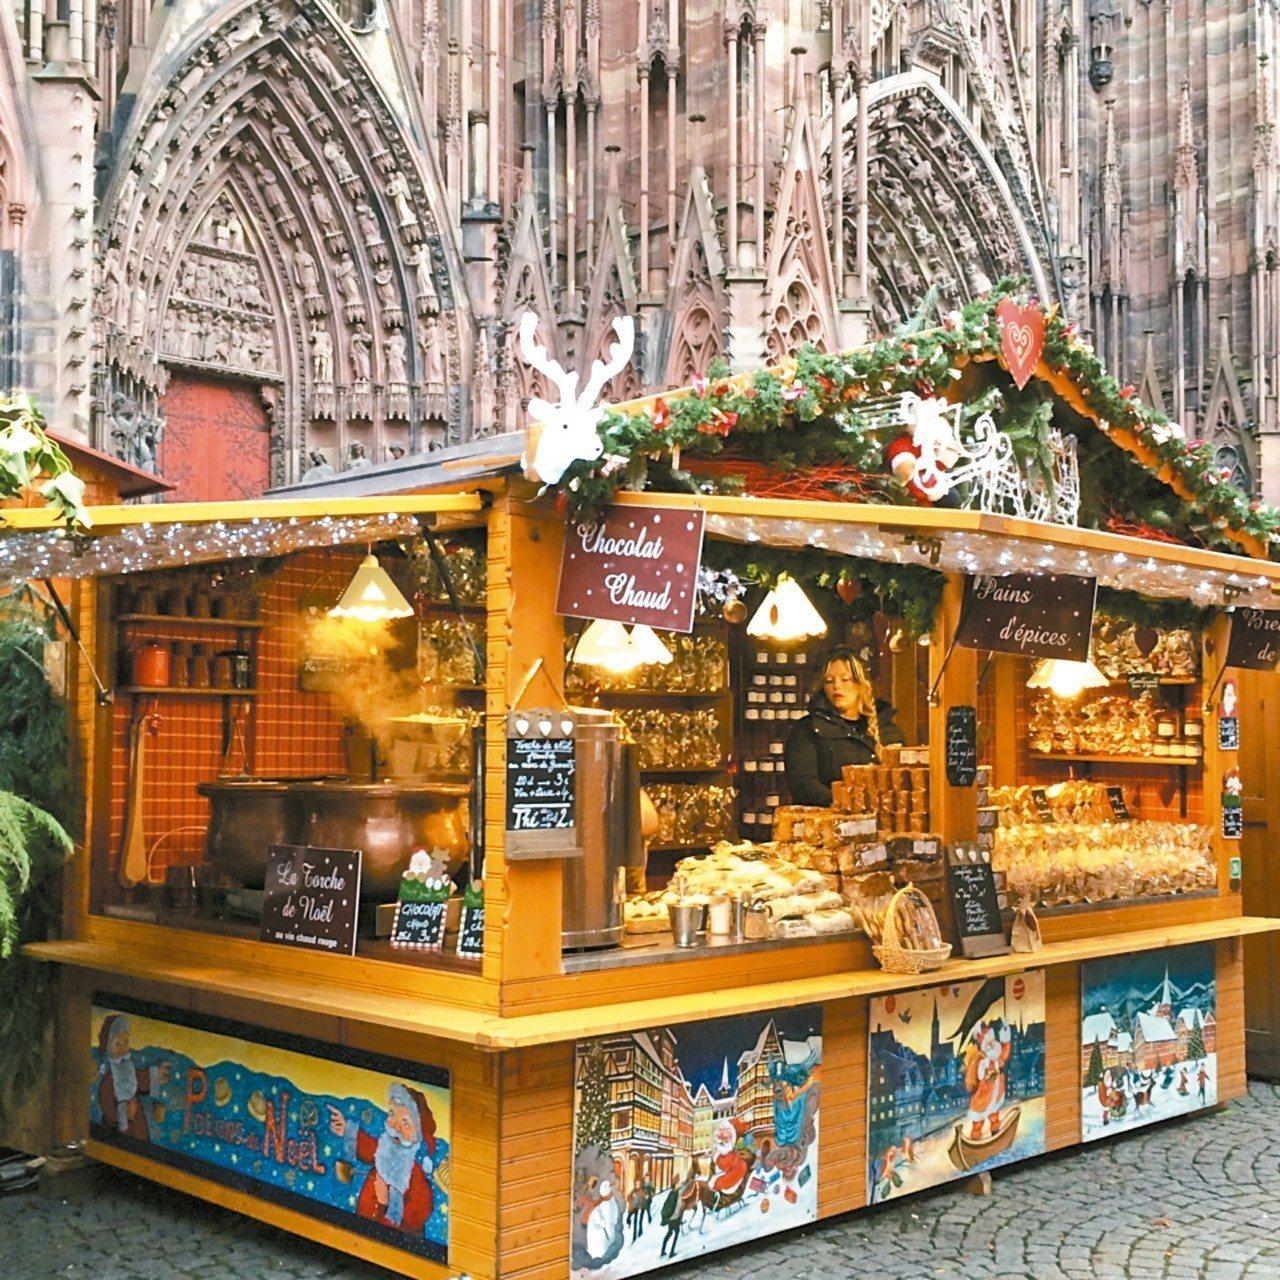 聖誕市集最常見的傳統風格貨攤。 圖/娜斯